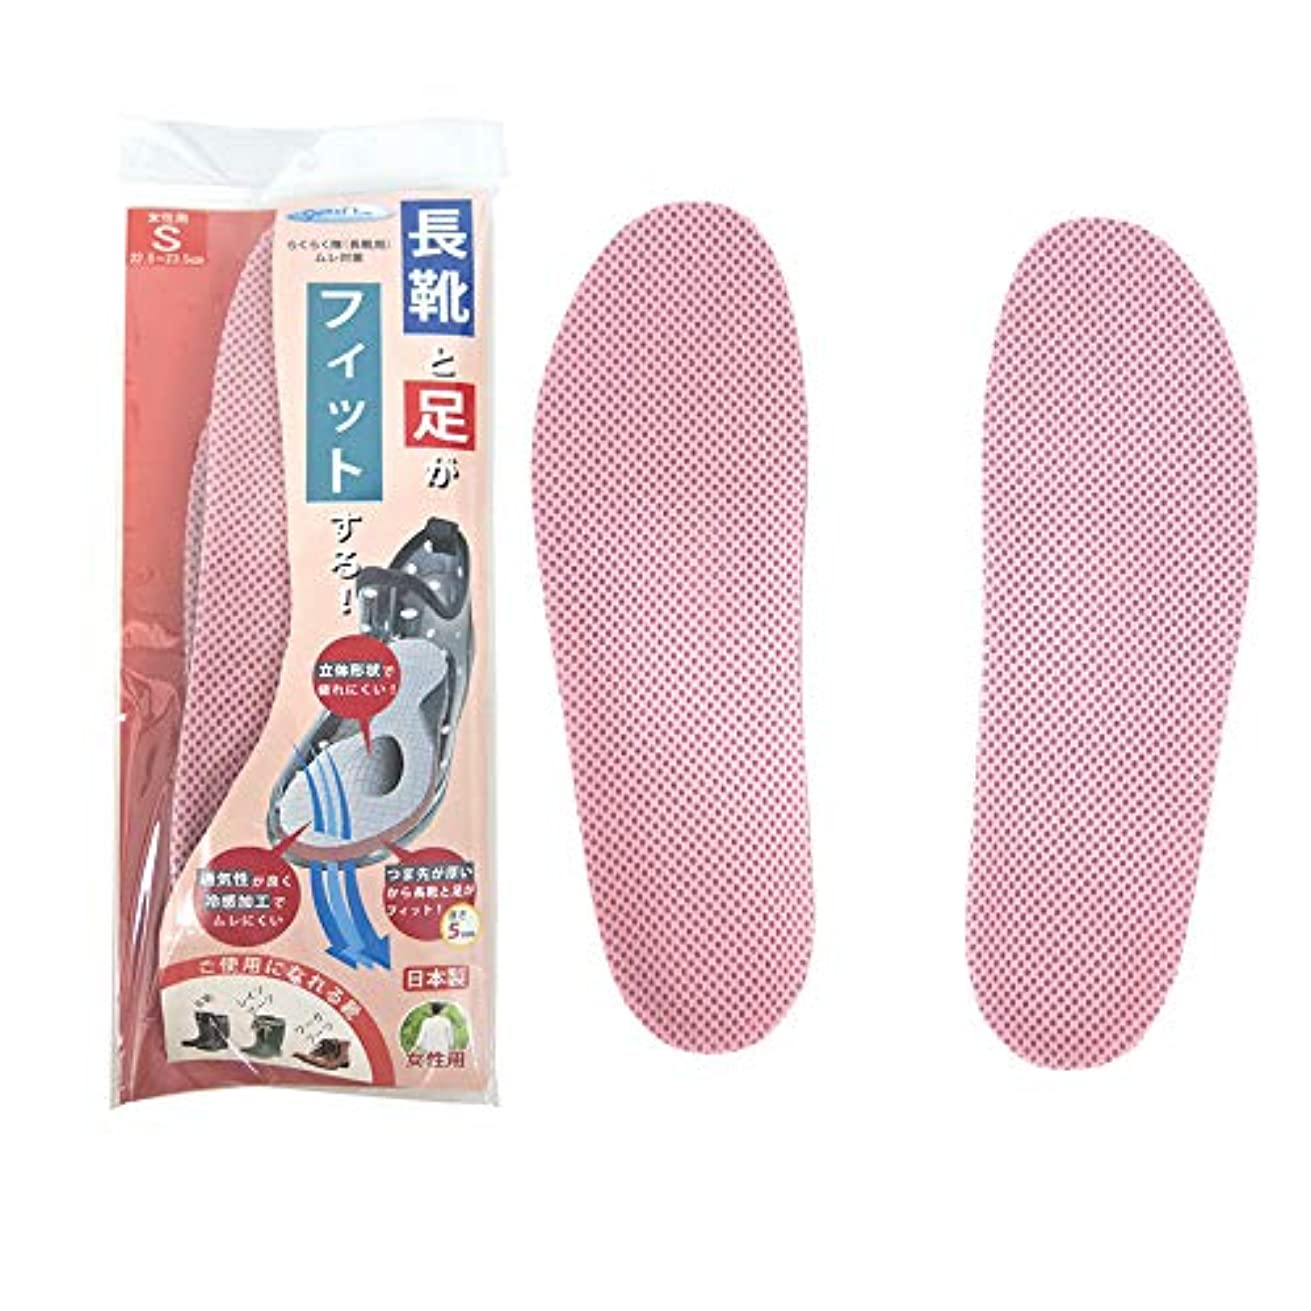 らくらく隊長靴用ムレ対策 婦人S(22.5~23.5cm)